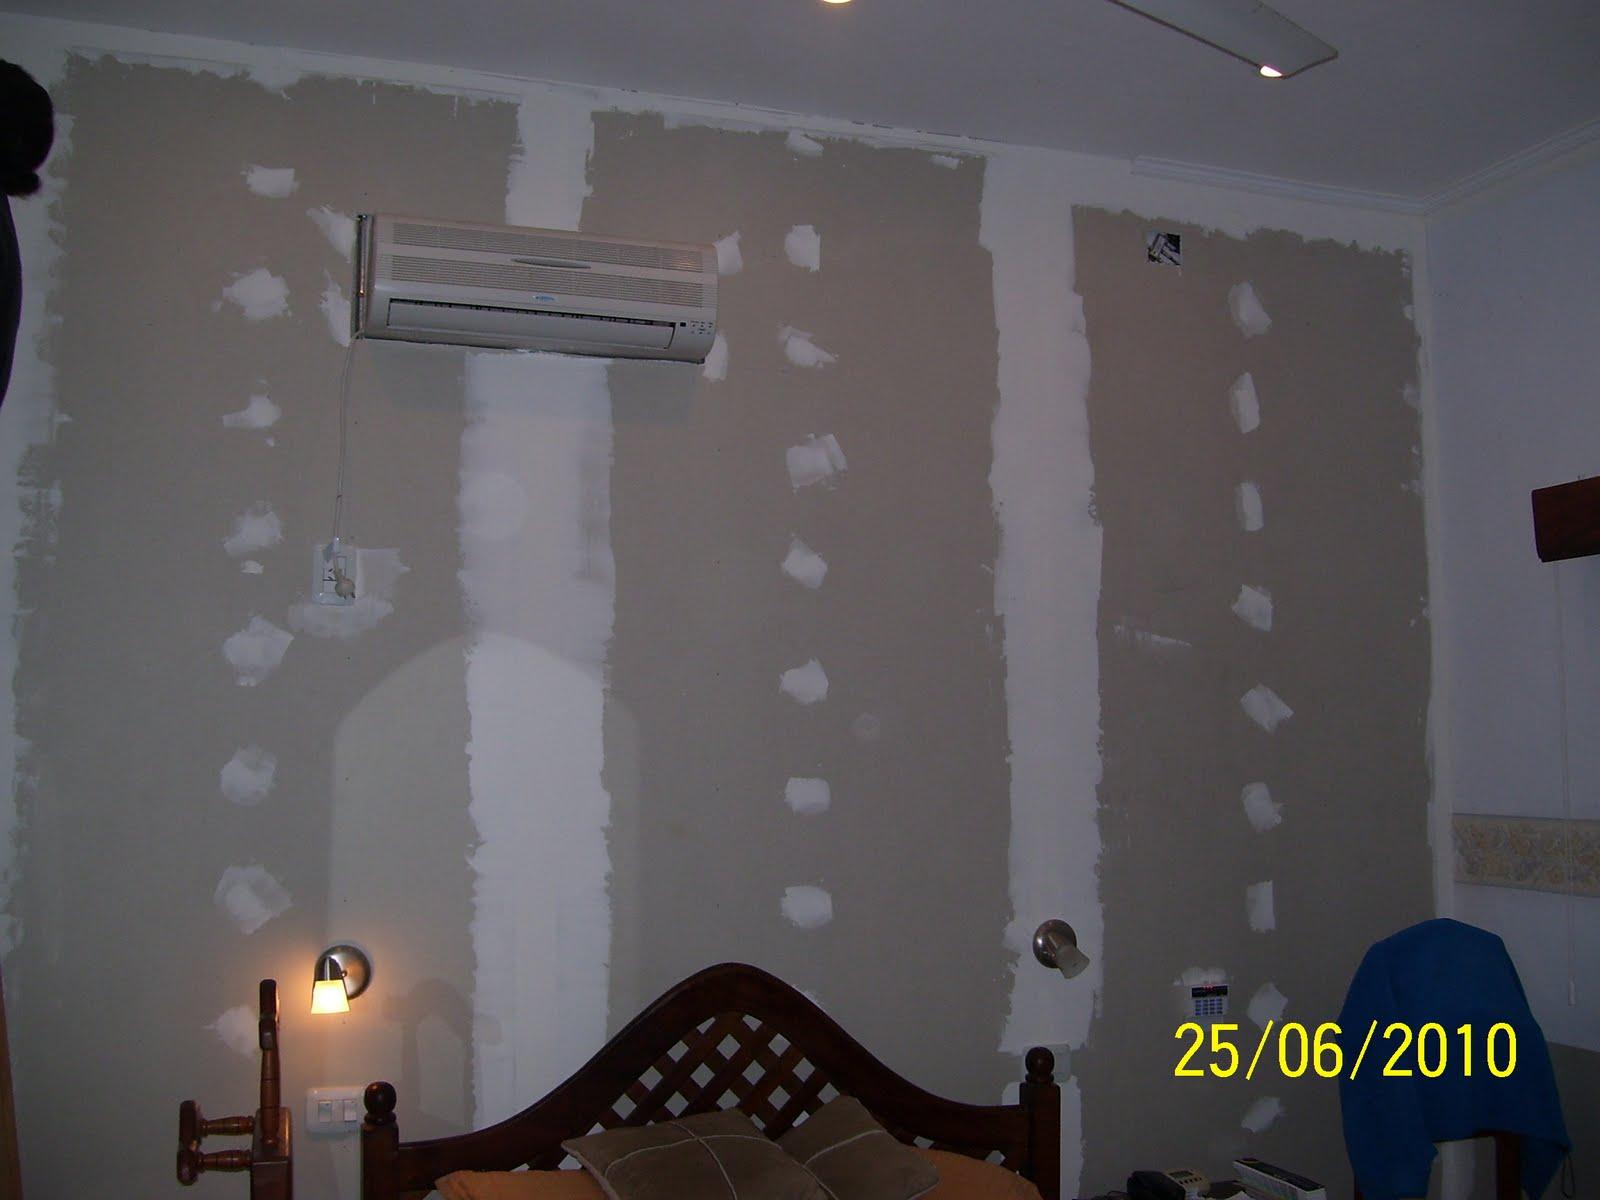 Empresa frigogab revestimiento de paredes con humedad - Papel para paredes con humedad ...